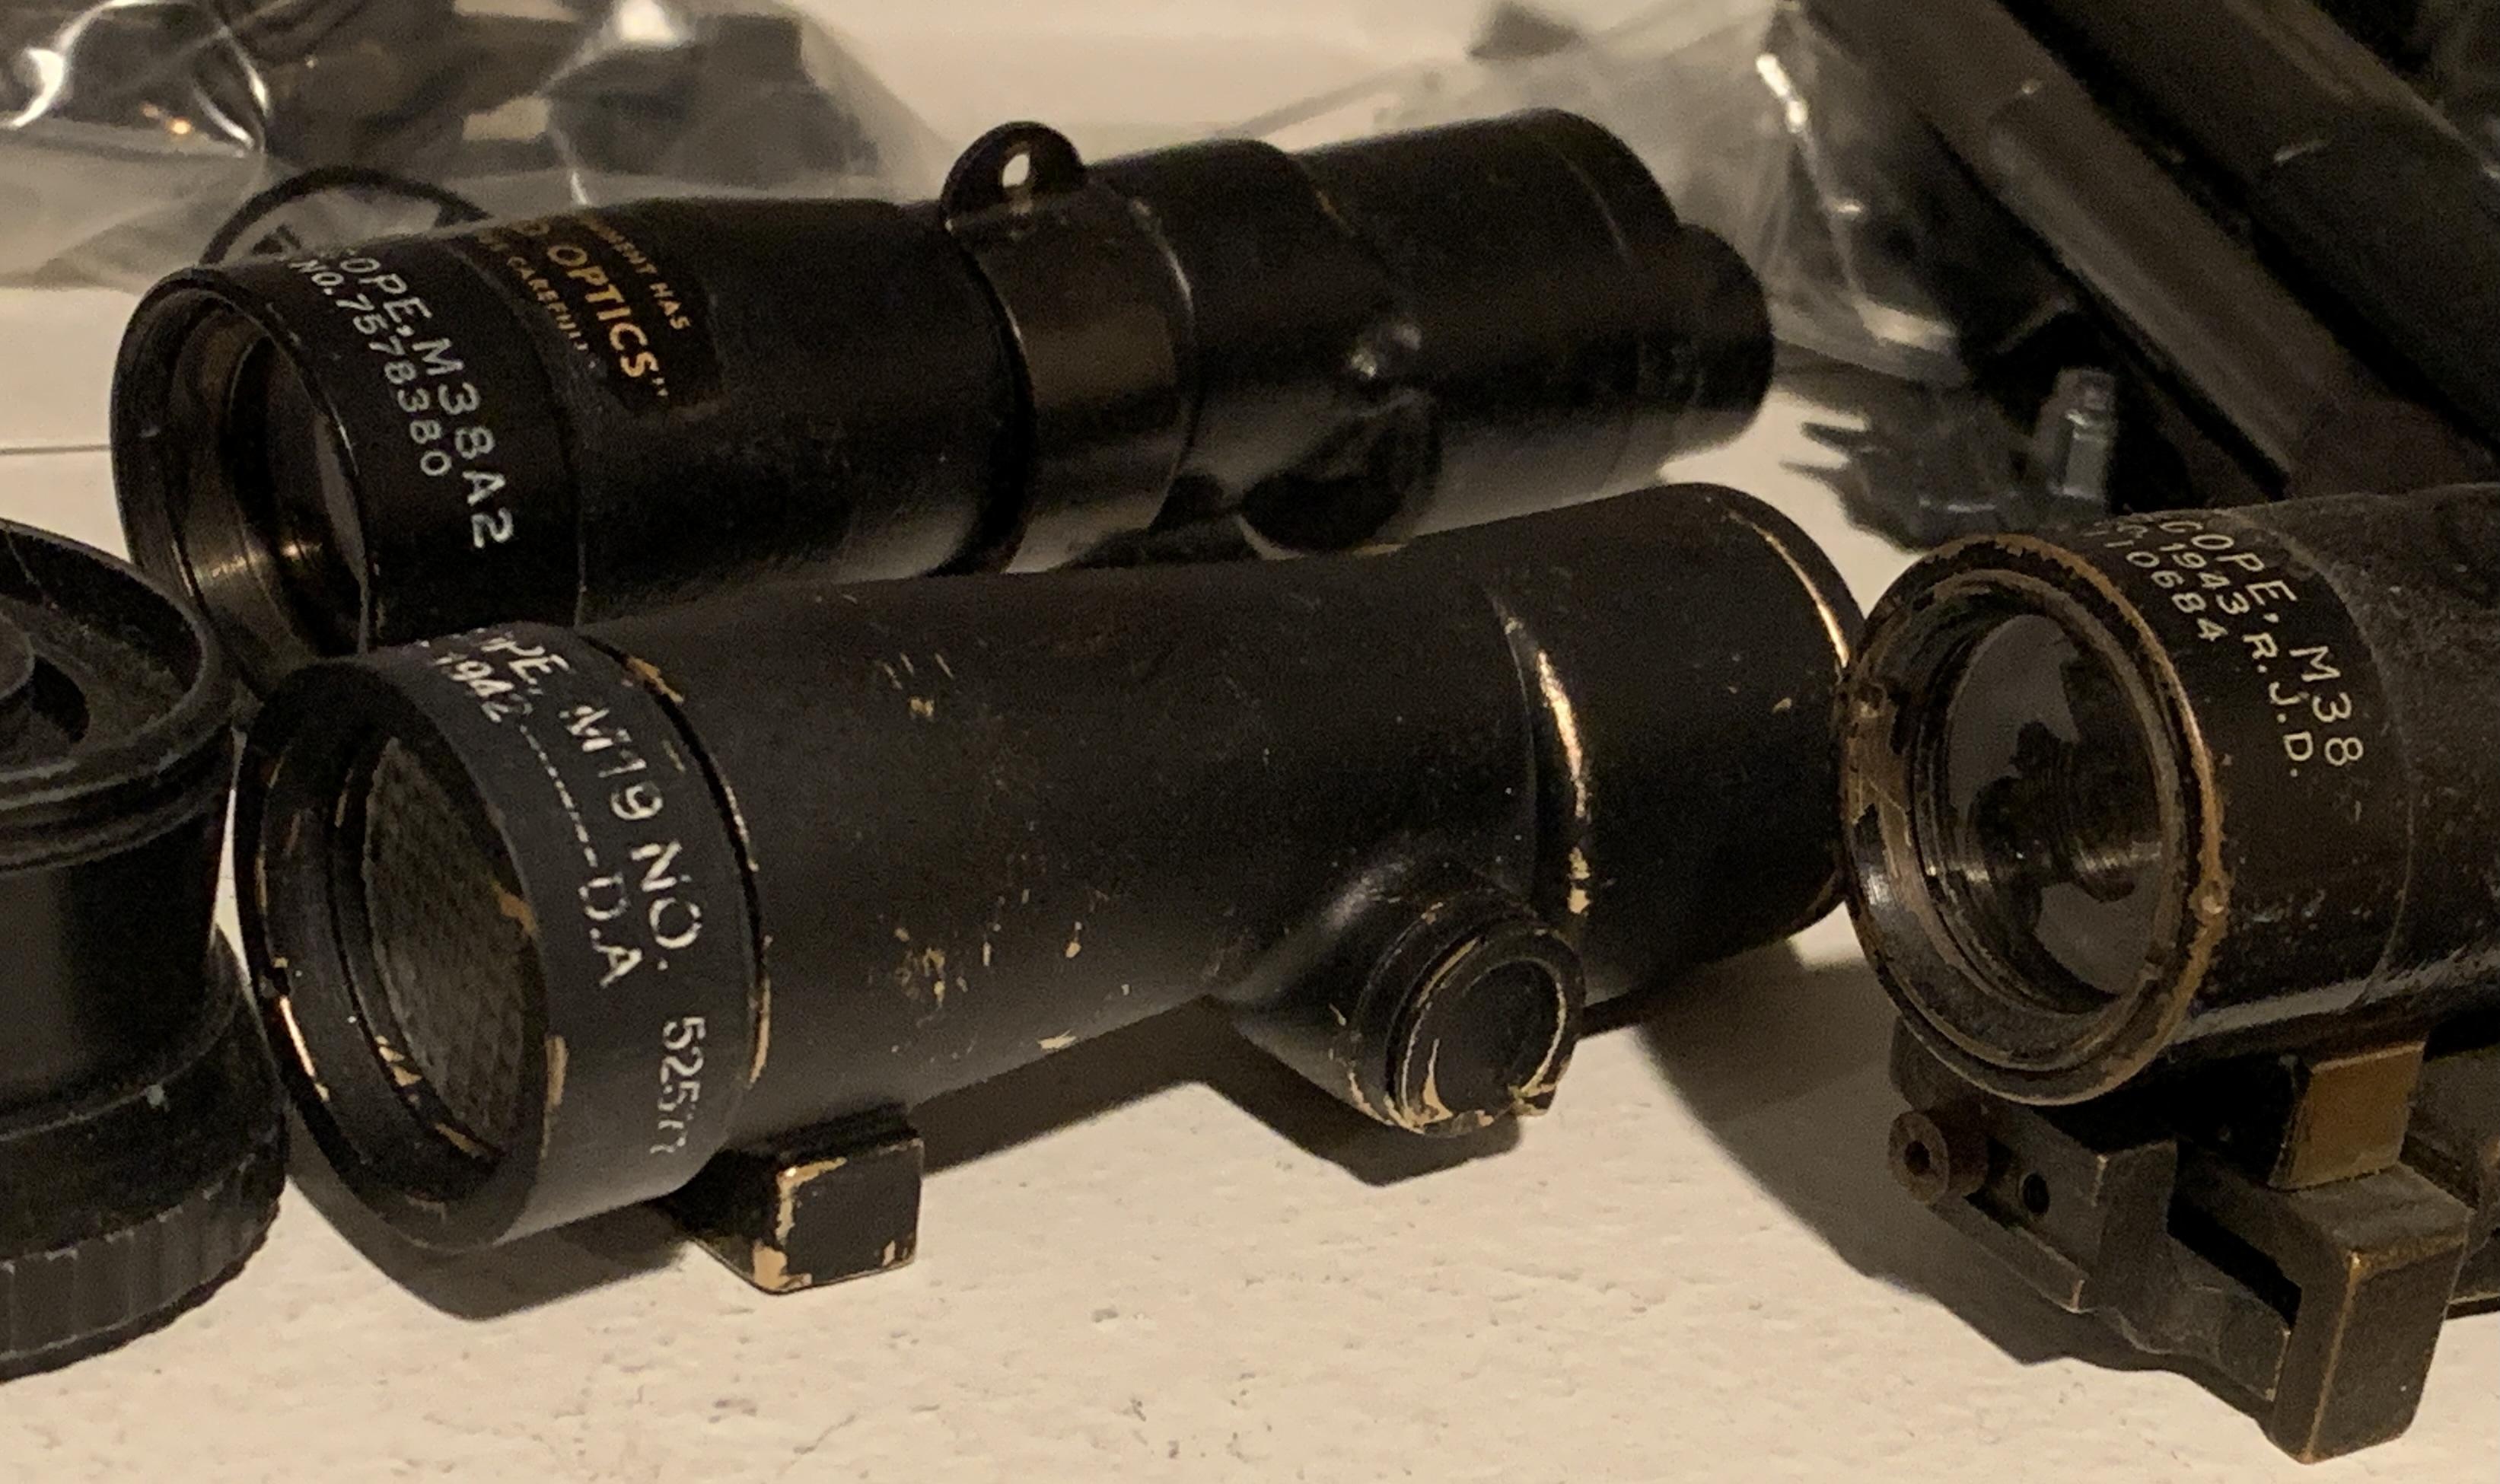 D79F6EB5-A565-4521-930A-F930742FDCA2.jpeg